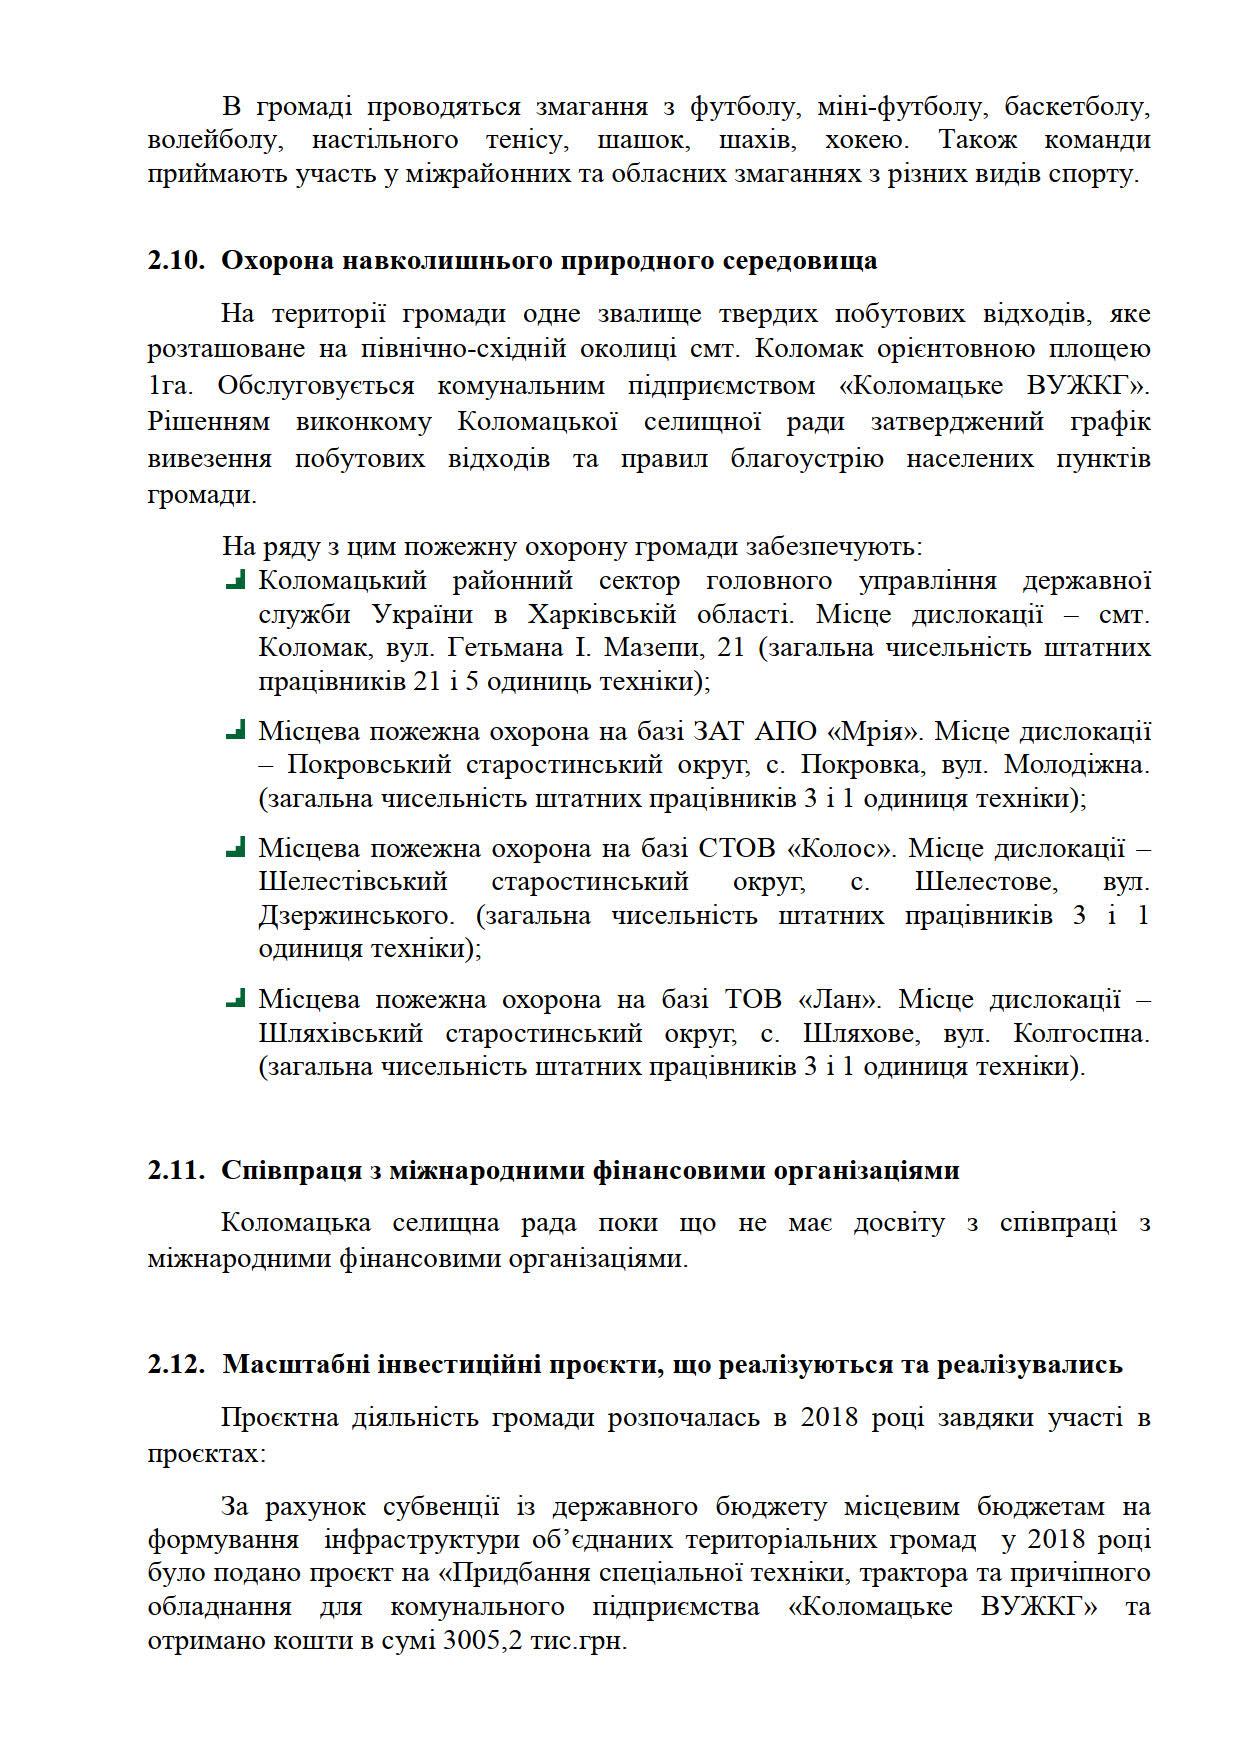 Microsoft Word - інвестиційний паспорт 2021 готов_16